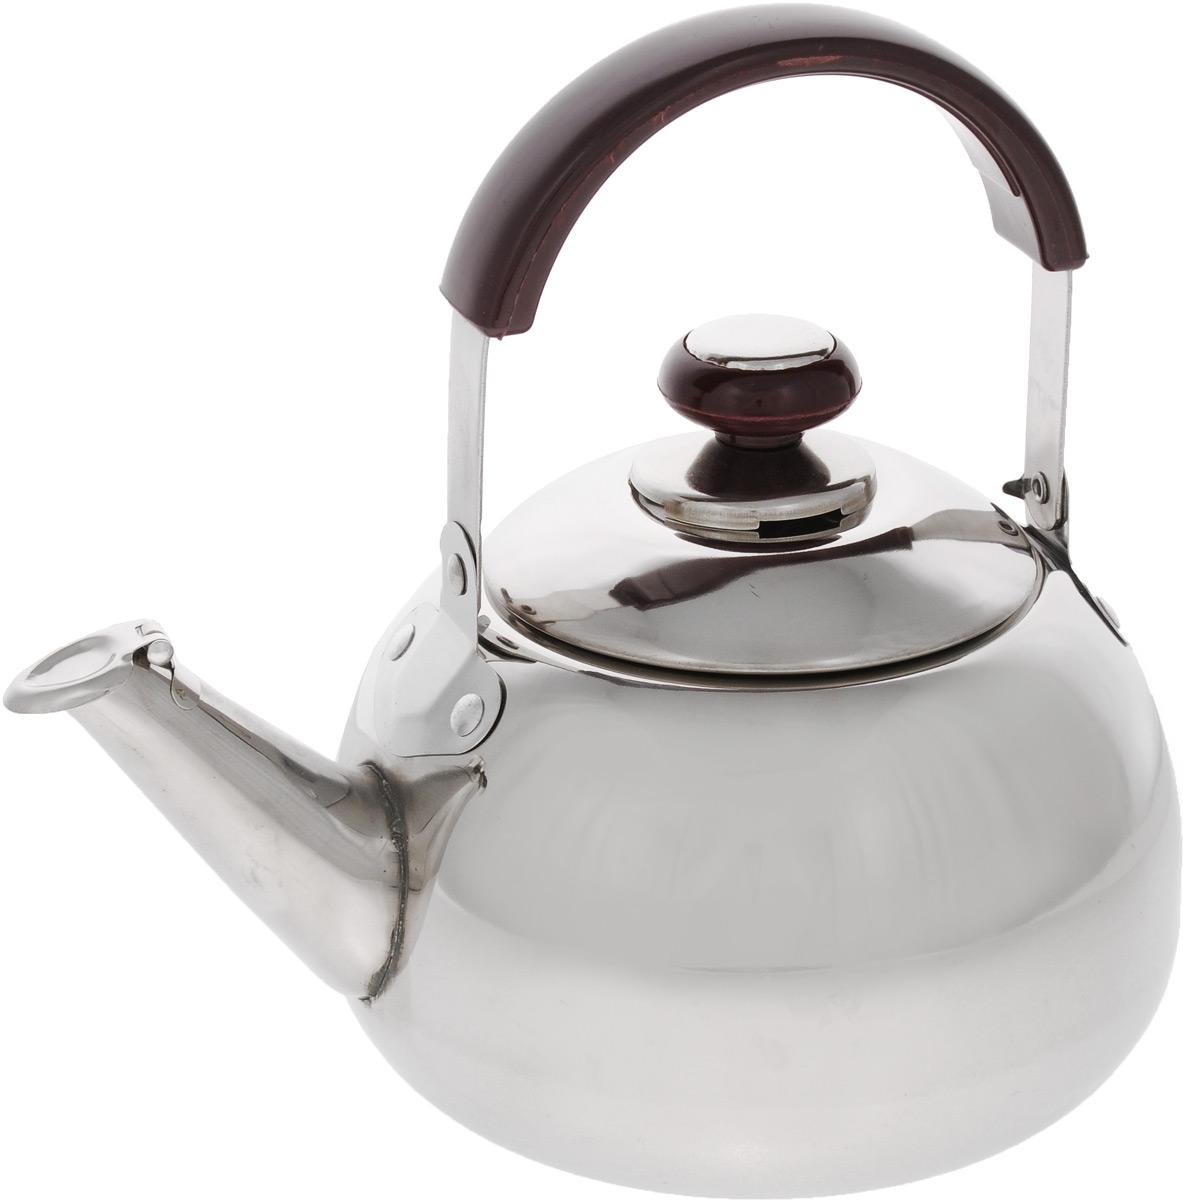 Чайник Mayer & Boch, со свистком, 2 л. 25222522Чайник Mayer & Boch изготовлен из высококачественной нержавеющей стали. Он оснащен подвижной ручкой из стали с бакелитовой накладкой, что делает использование чайника очень удобным и безопасным. Крышка снабжена свистком, позволяя контролировать процесс подогрева или кипячения воды. Эстетичный и функциональный чайник будет оригинально смотреться в любом интерьере. Подходит для газовых, электрических и стеклокерамических плит. Можно мыть в посудомоечной машине. Высота чайника (без учета ручки и крышки): 11,5 см. Высота чайника (с учетом ручки и крышки): 21 см. Диаметр чайника (по верхнему краю): 10 см. Диаметр основания: 14 см.